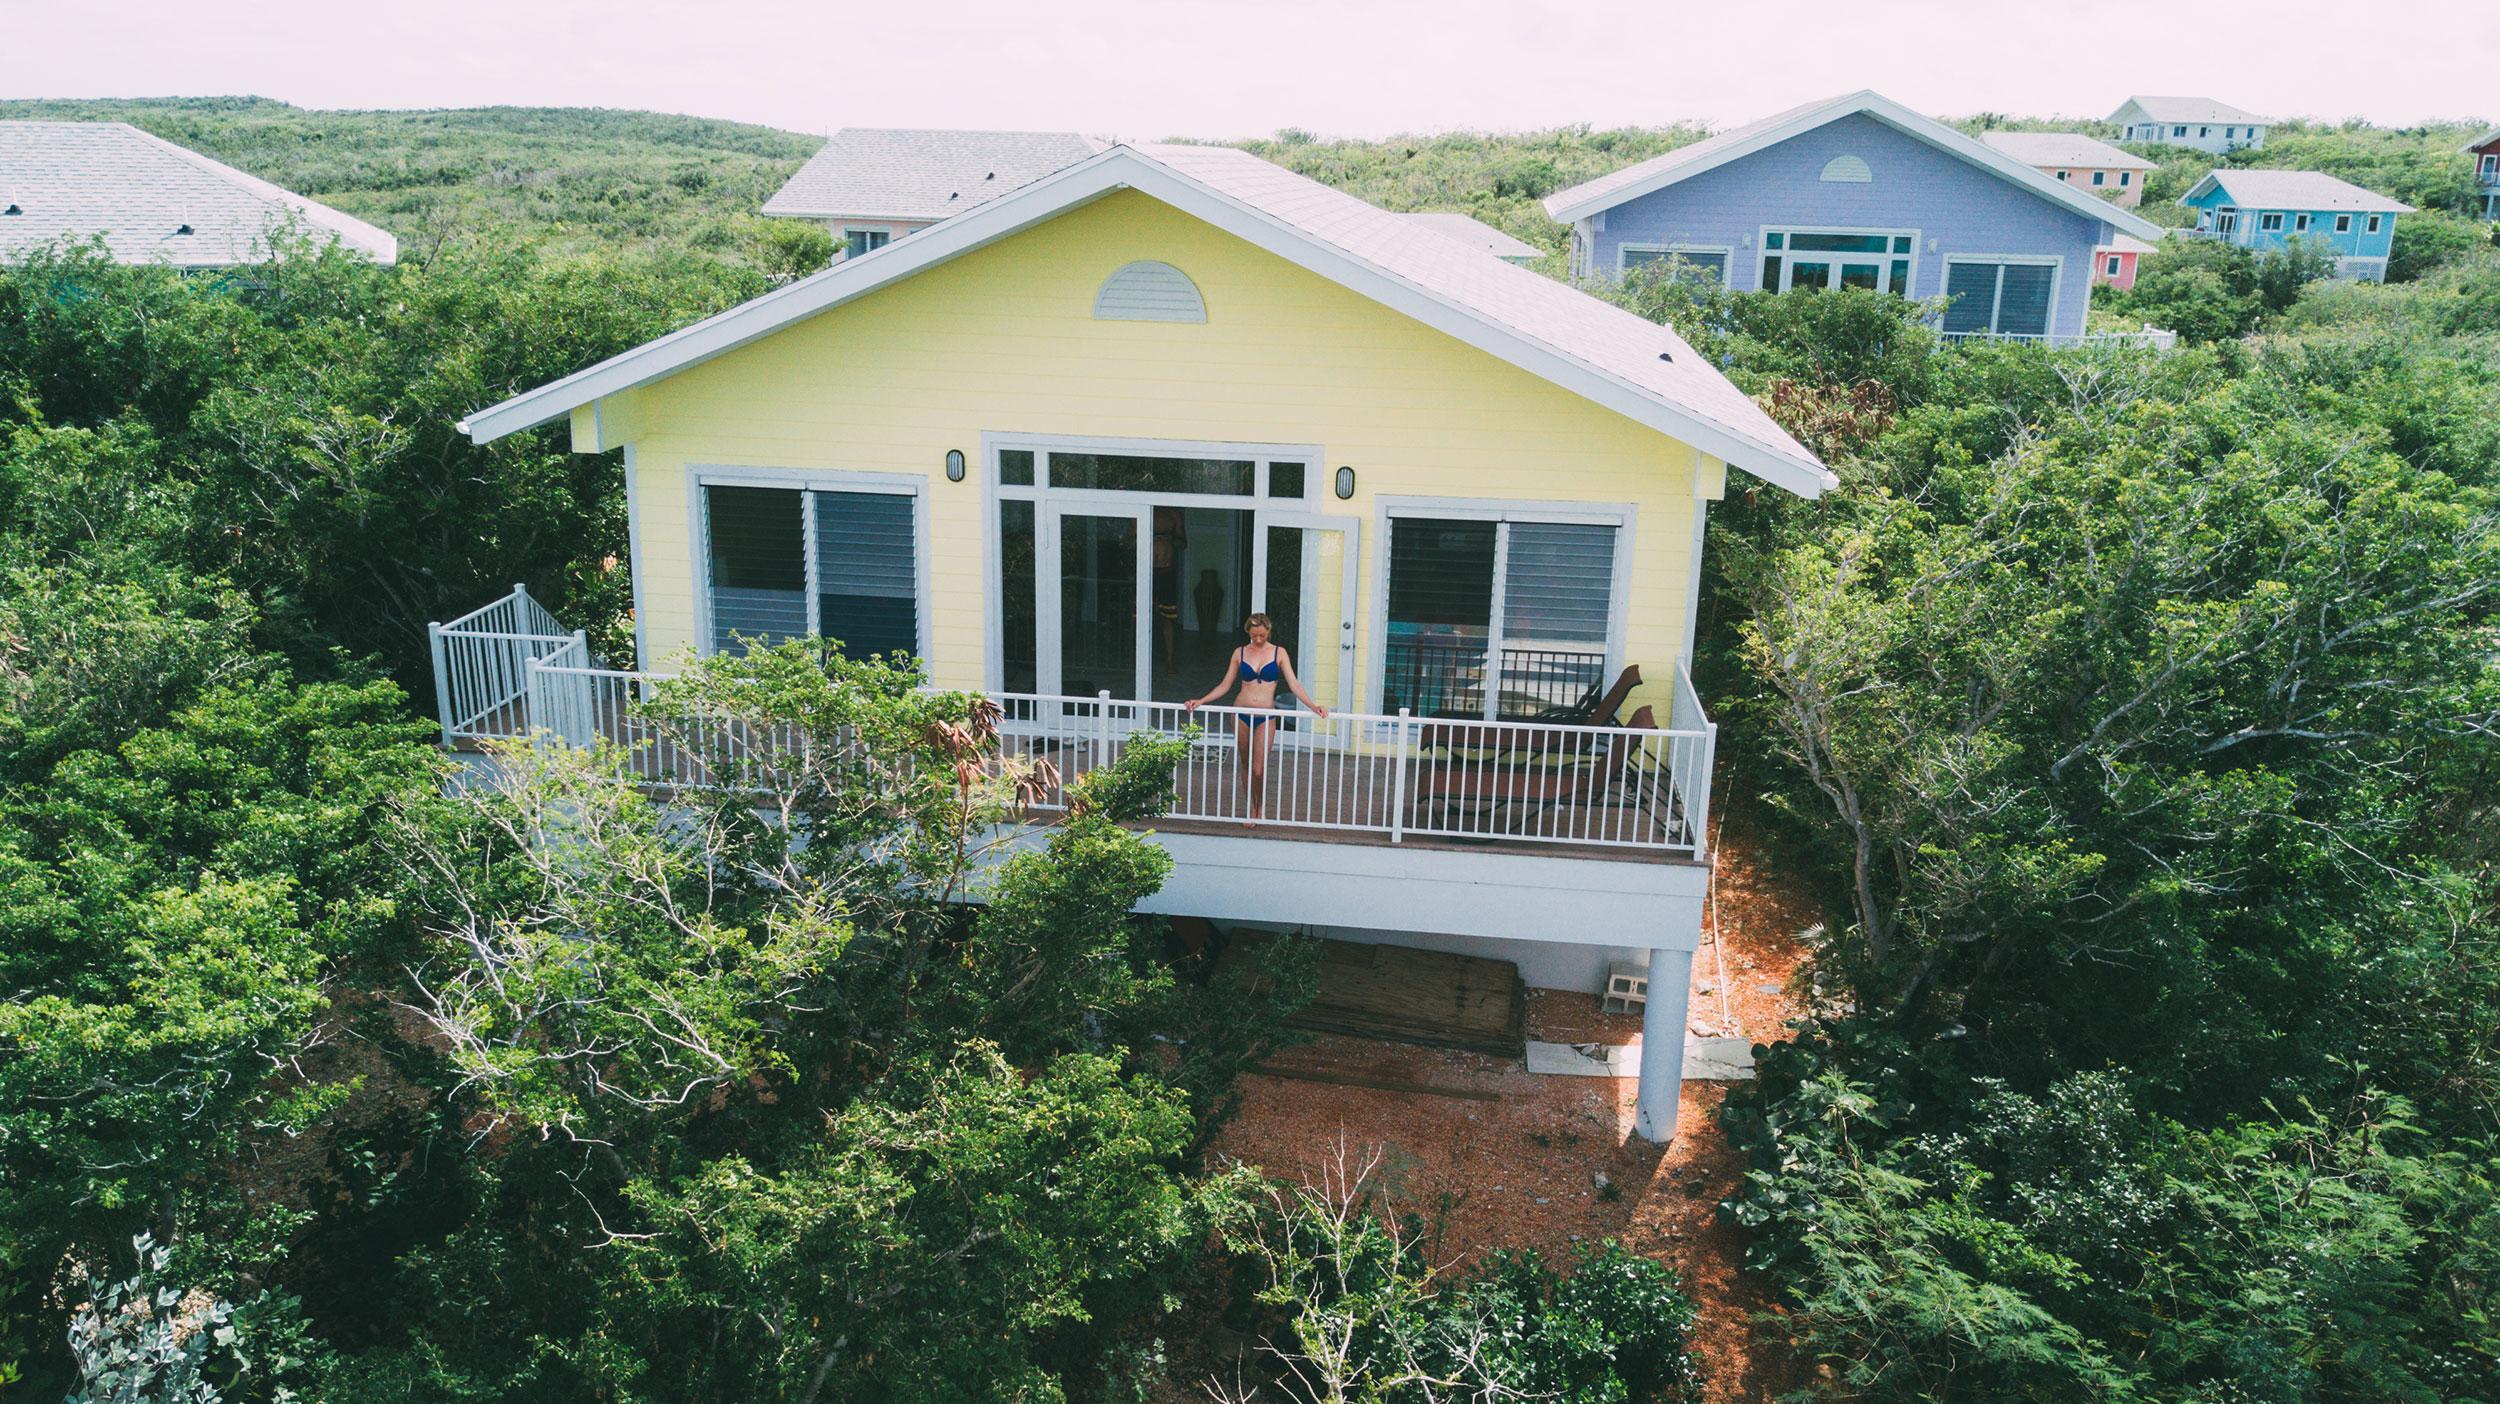 Travel_StudioM_Bahamas-21.jpg